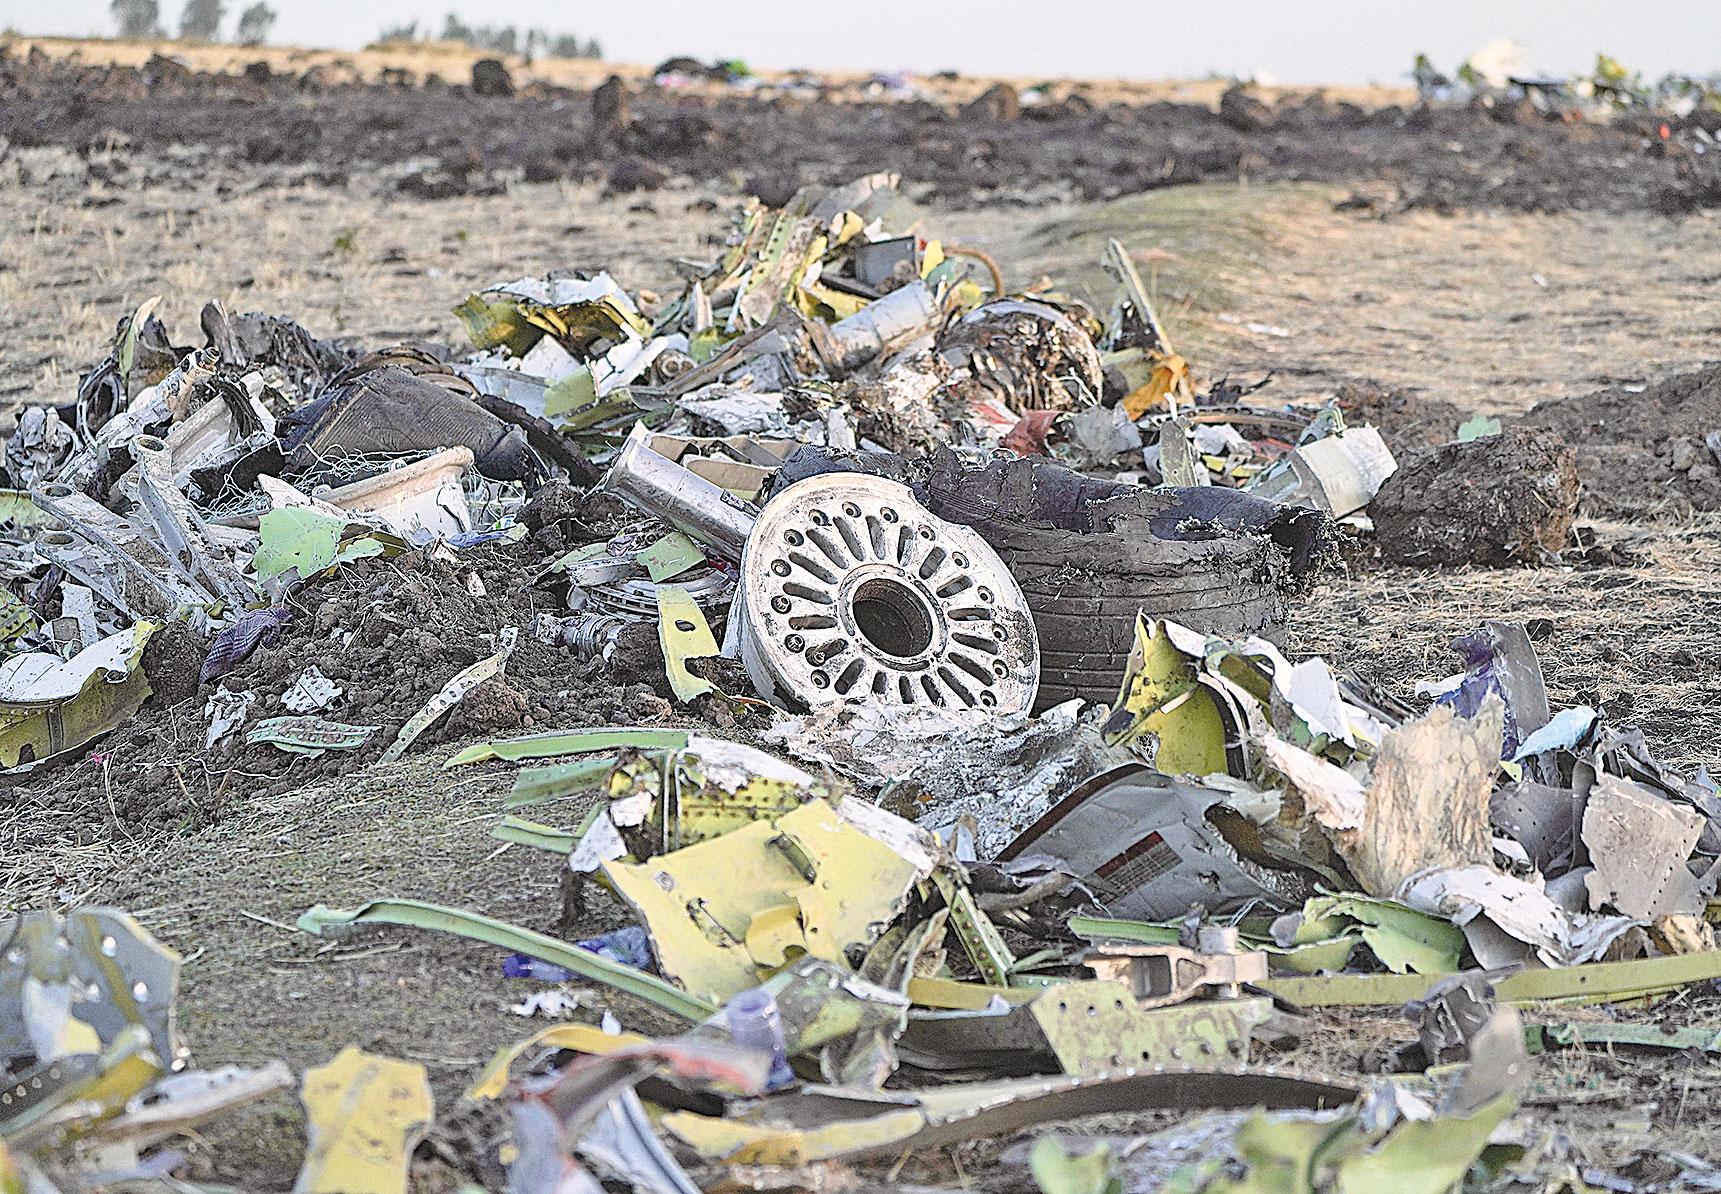 2019年3月10日,埃塞俄比亞航空公司一架波音737 max-8飛機從亞的斯亞貝巴起飛6分鐘後墜毀,機上157人全部遇難。(Getty Images)